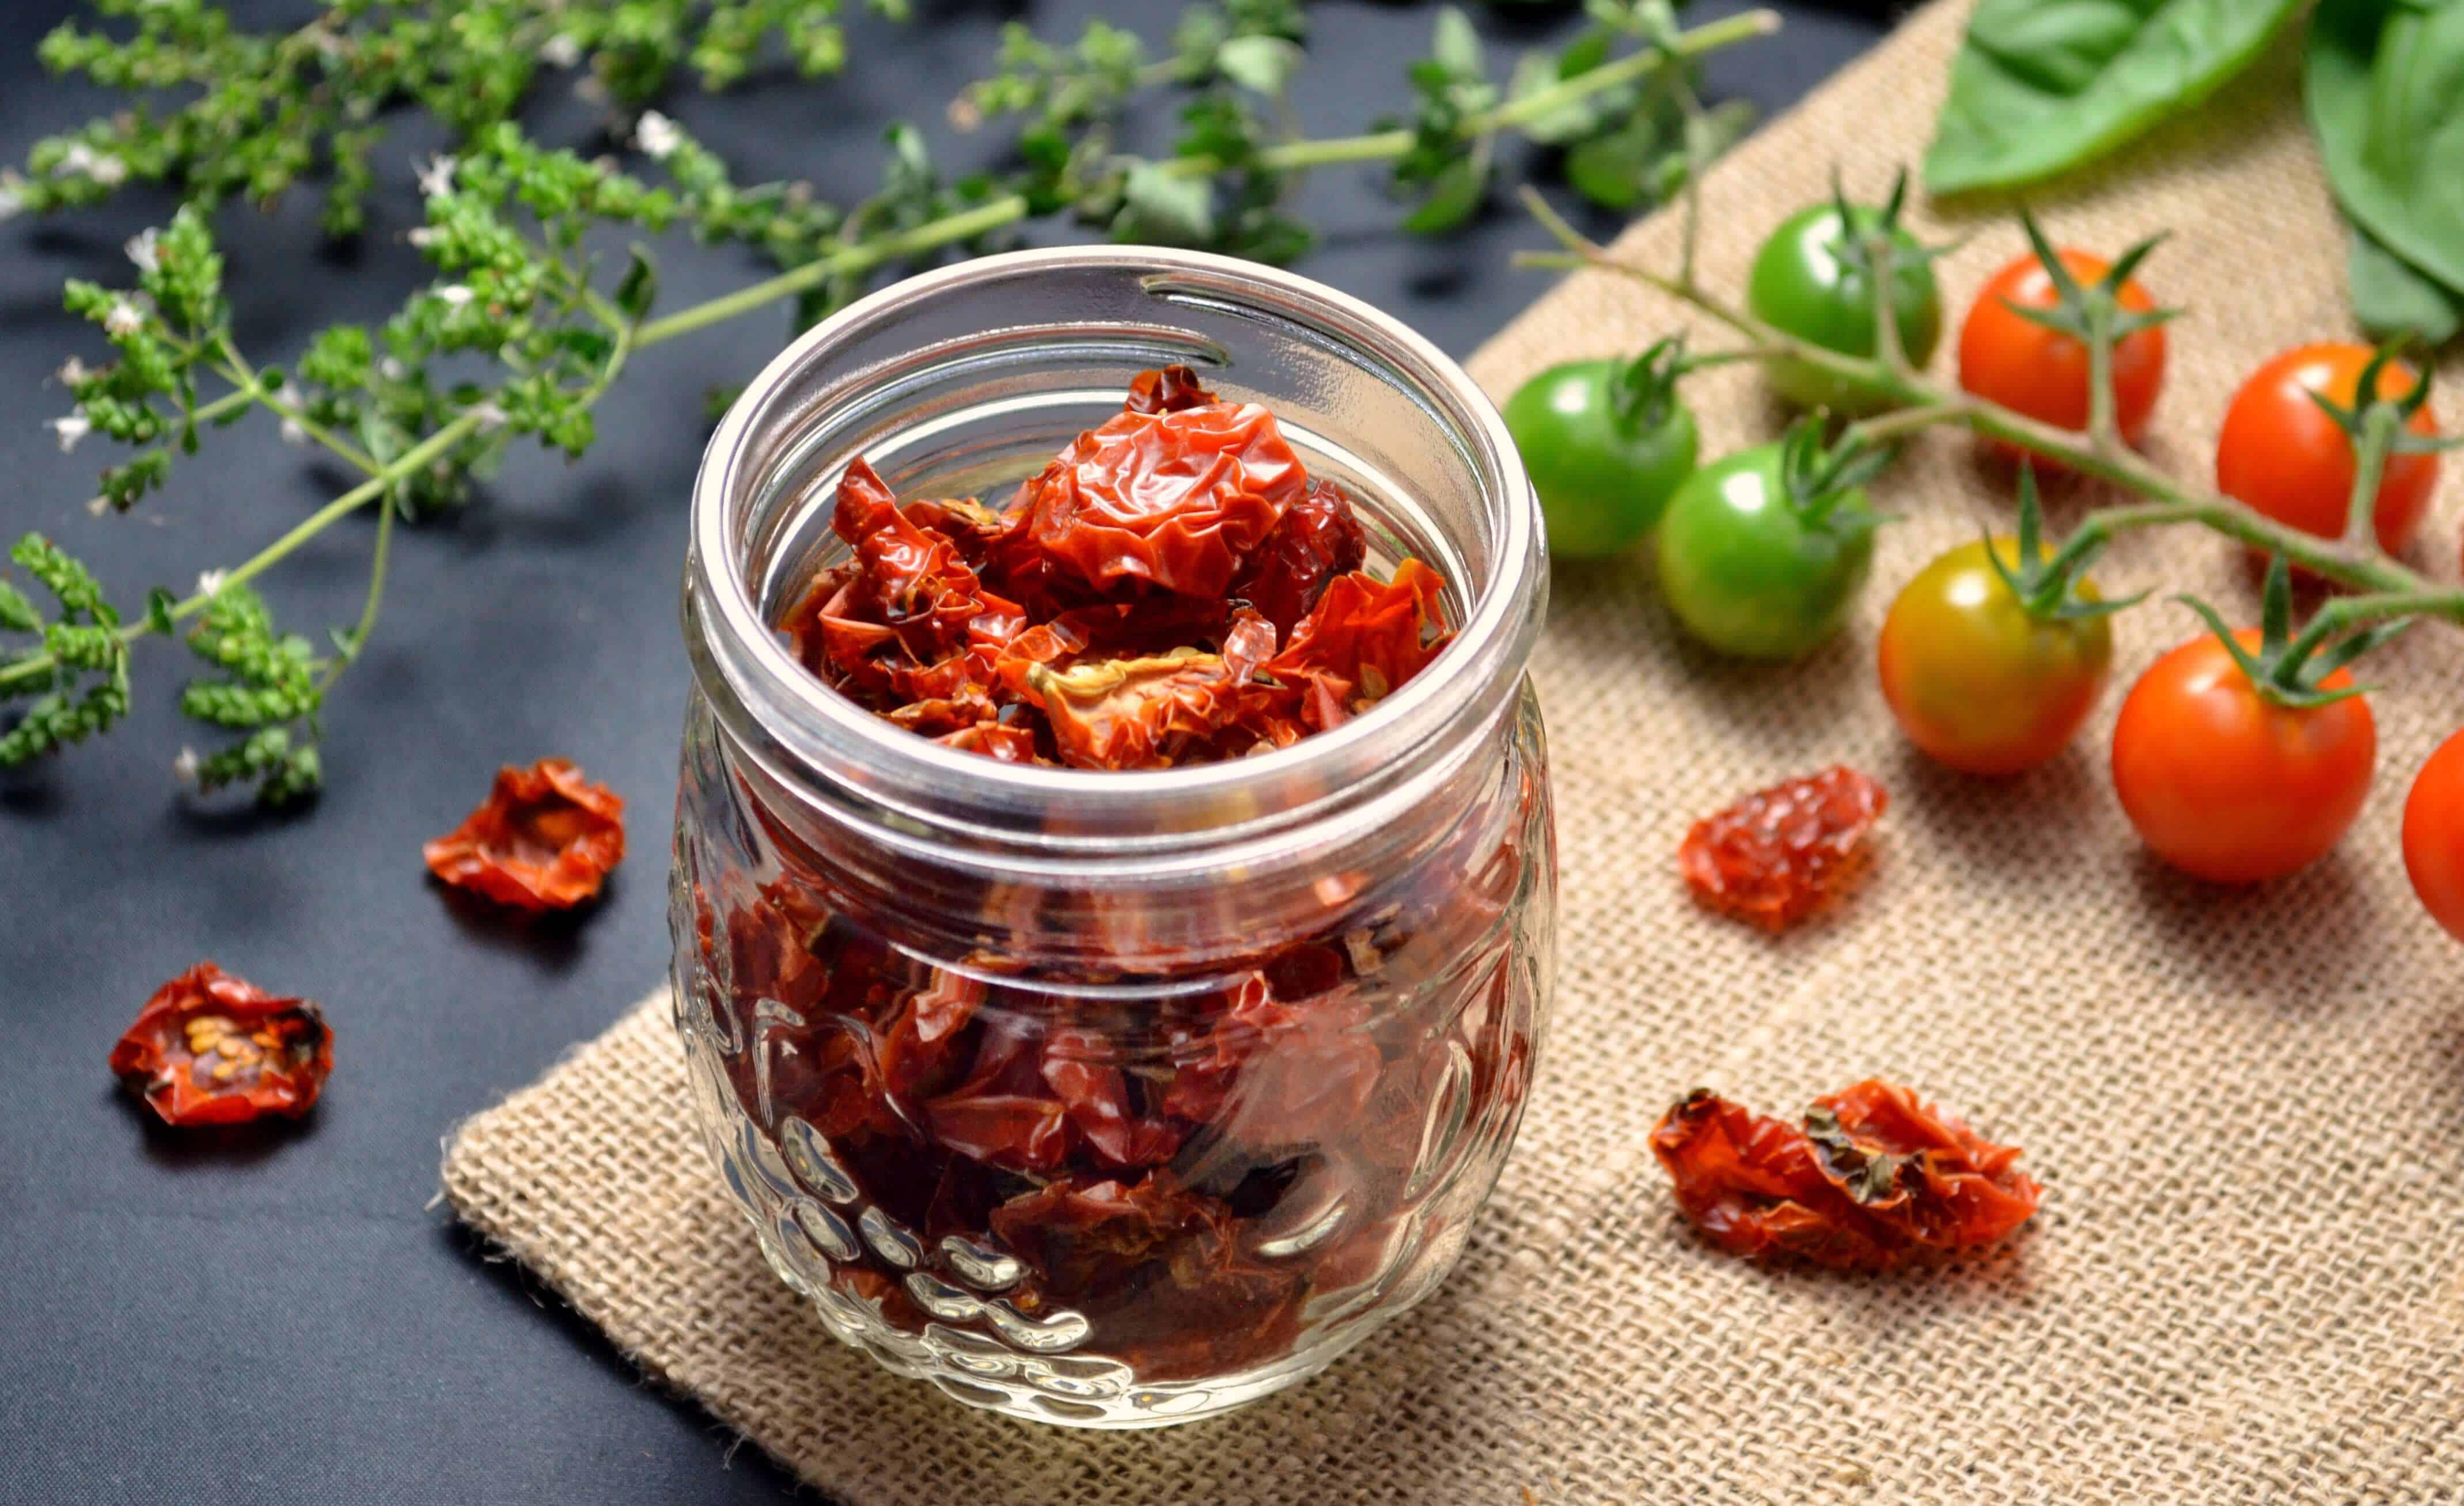 DIY Sun-Dried Tomatoes